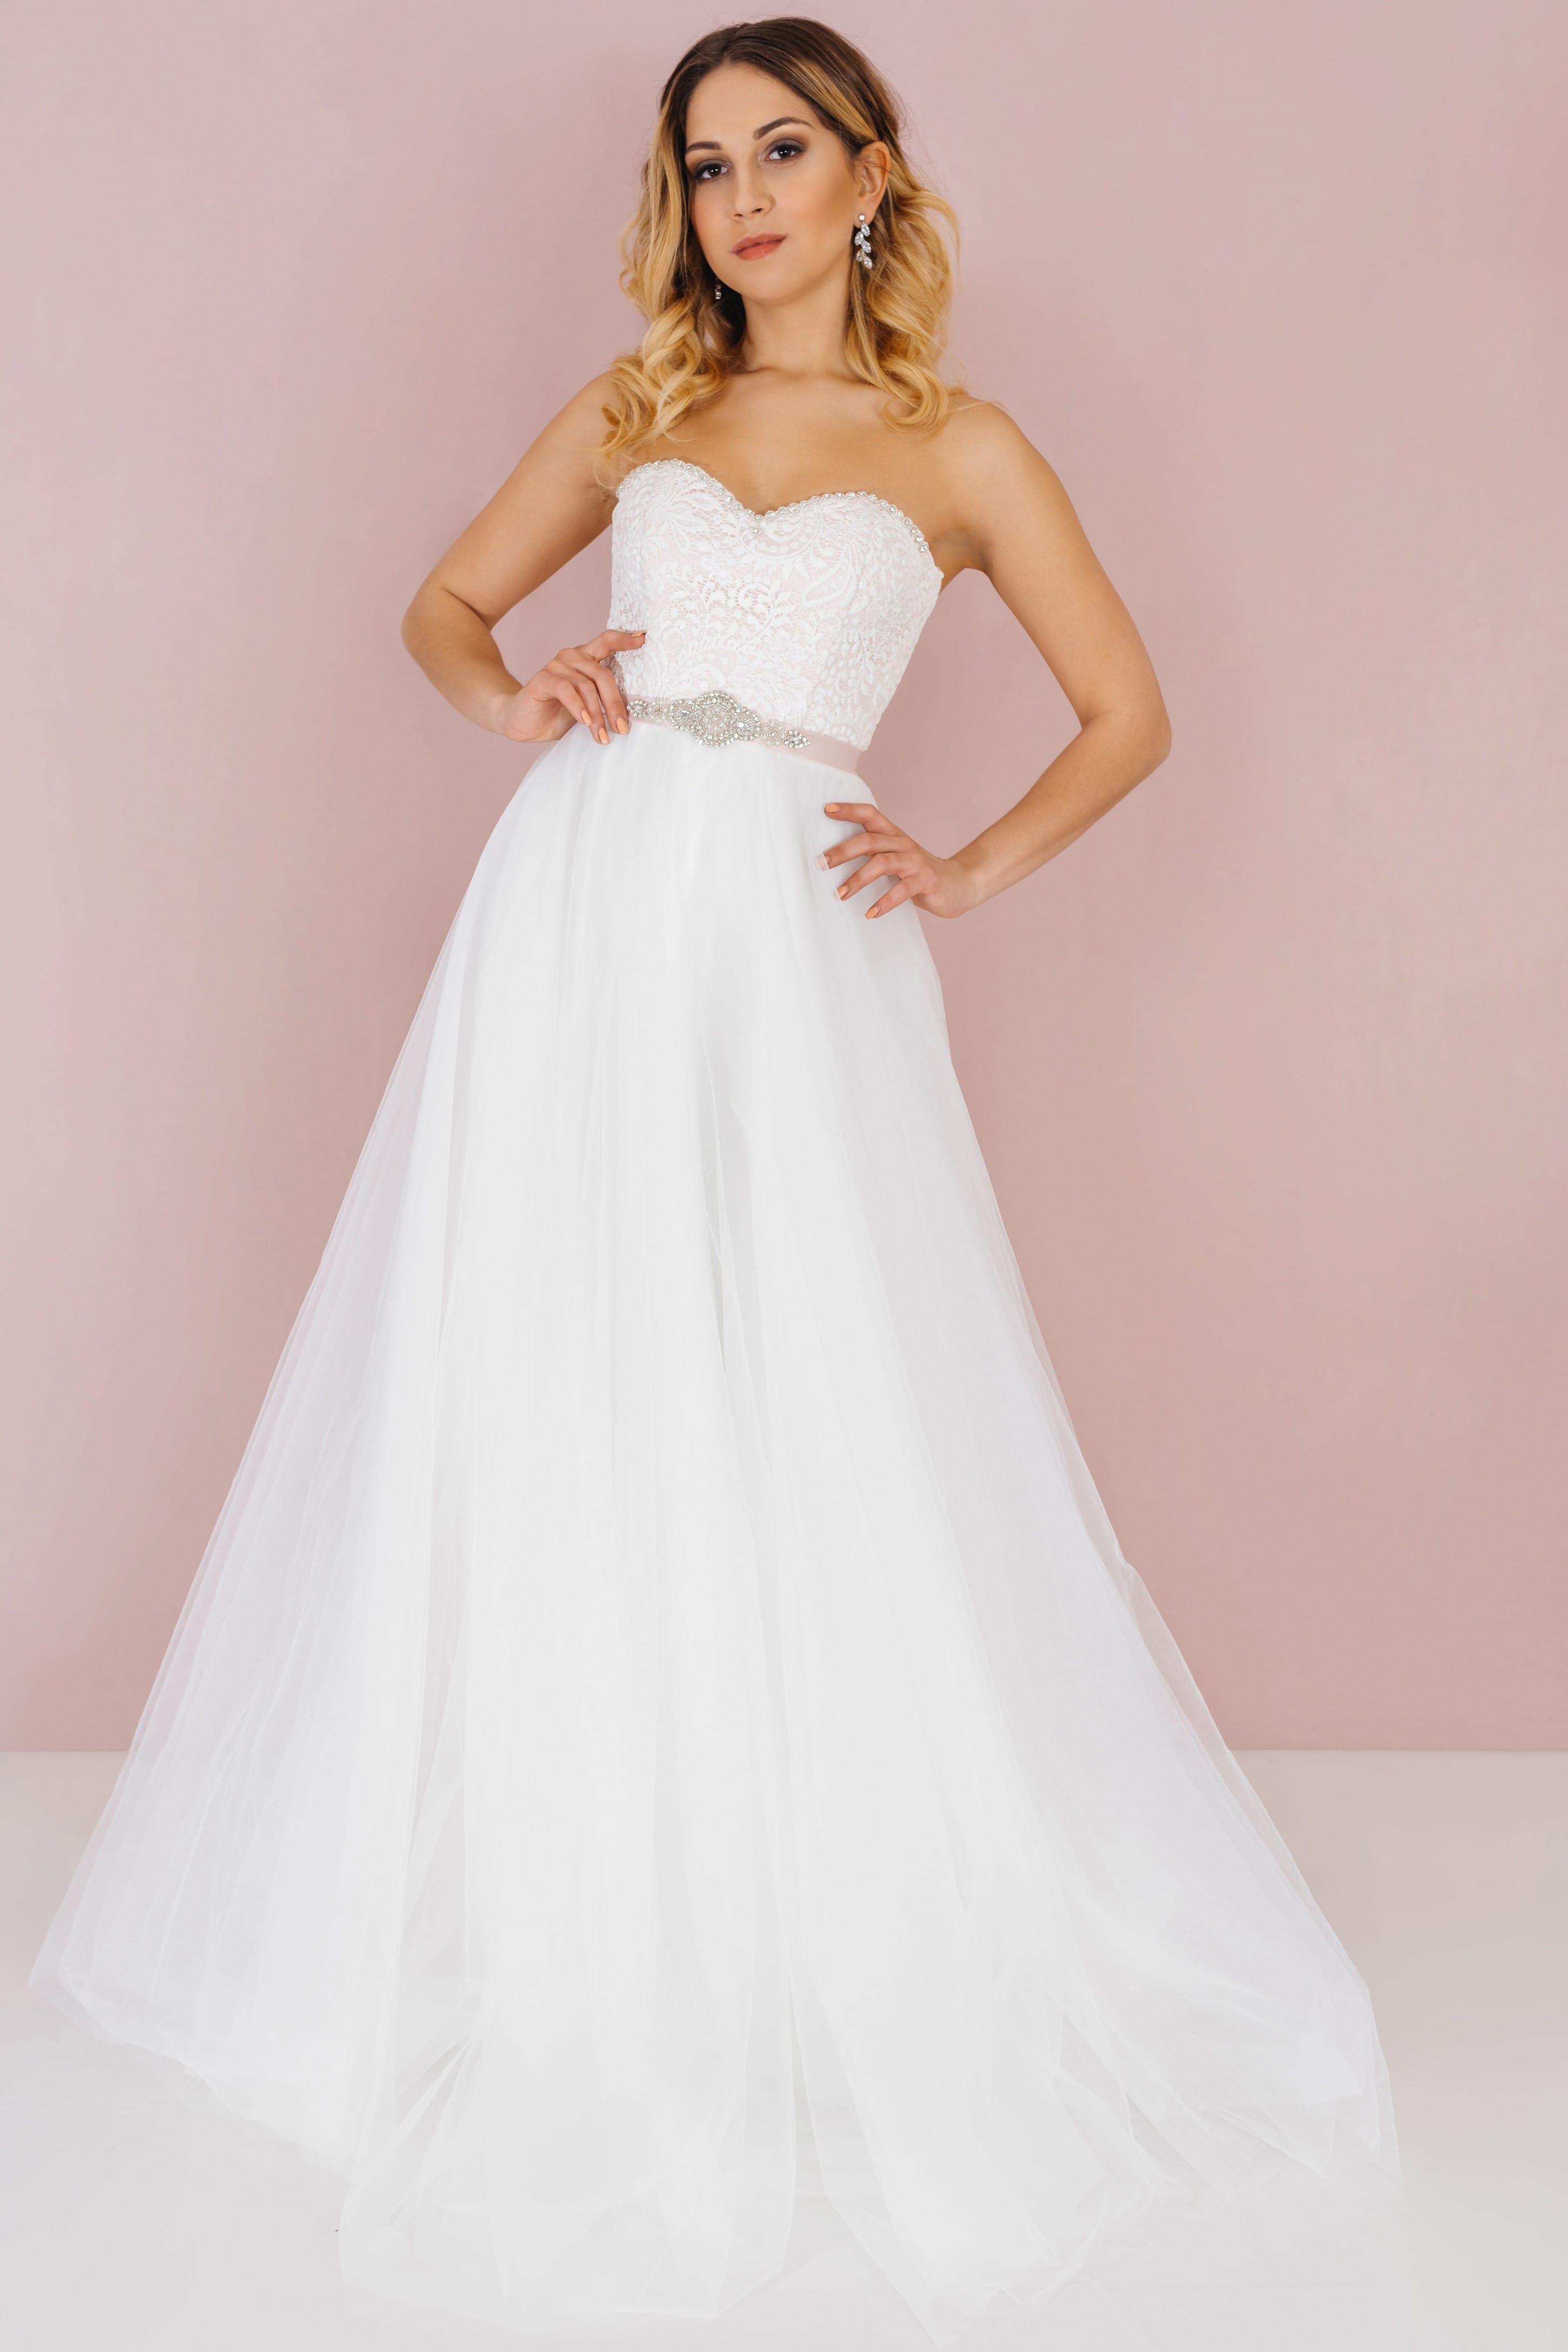 Свадебное платье NORA, коллекция LOFT, бренд RARE BRIDAL, фото 1